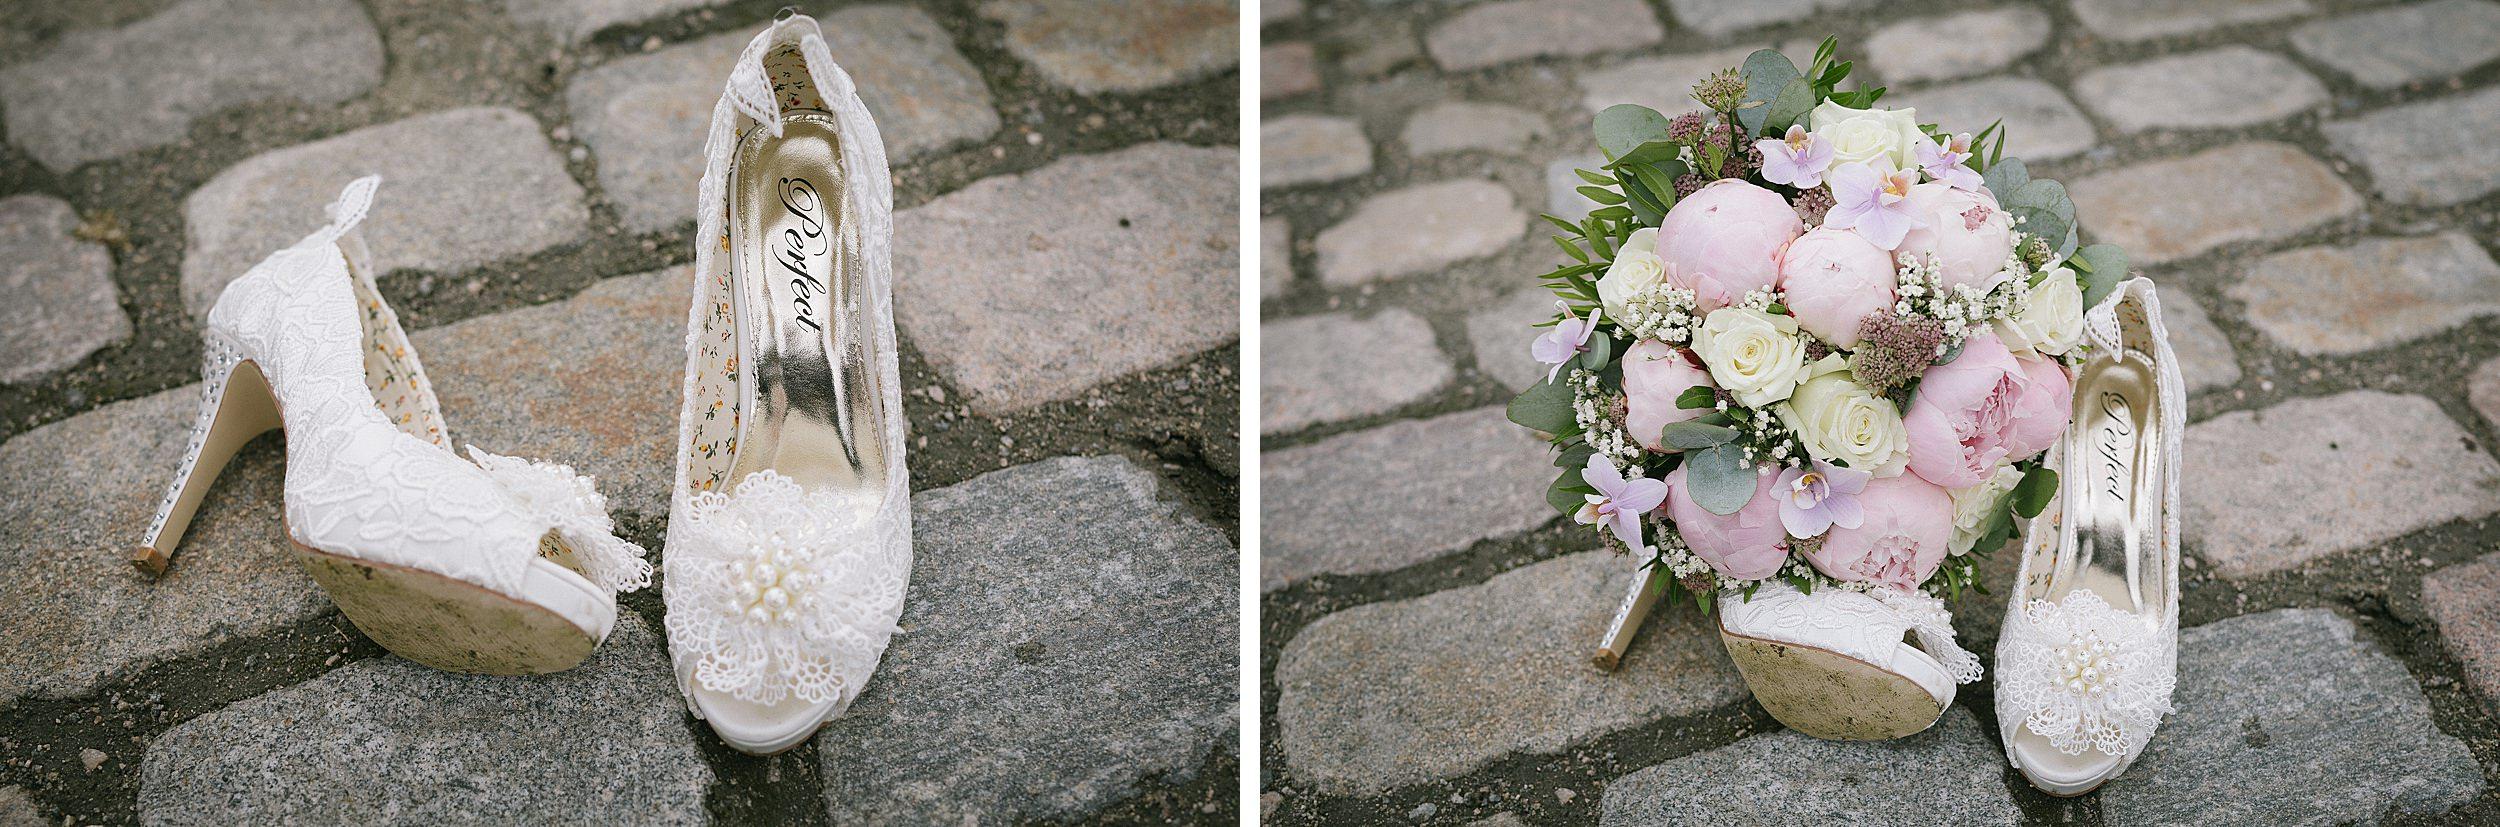 Heldags-bryllupsfoto-june-thomas_0046.jpg